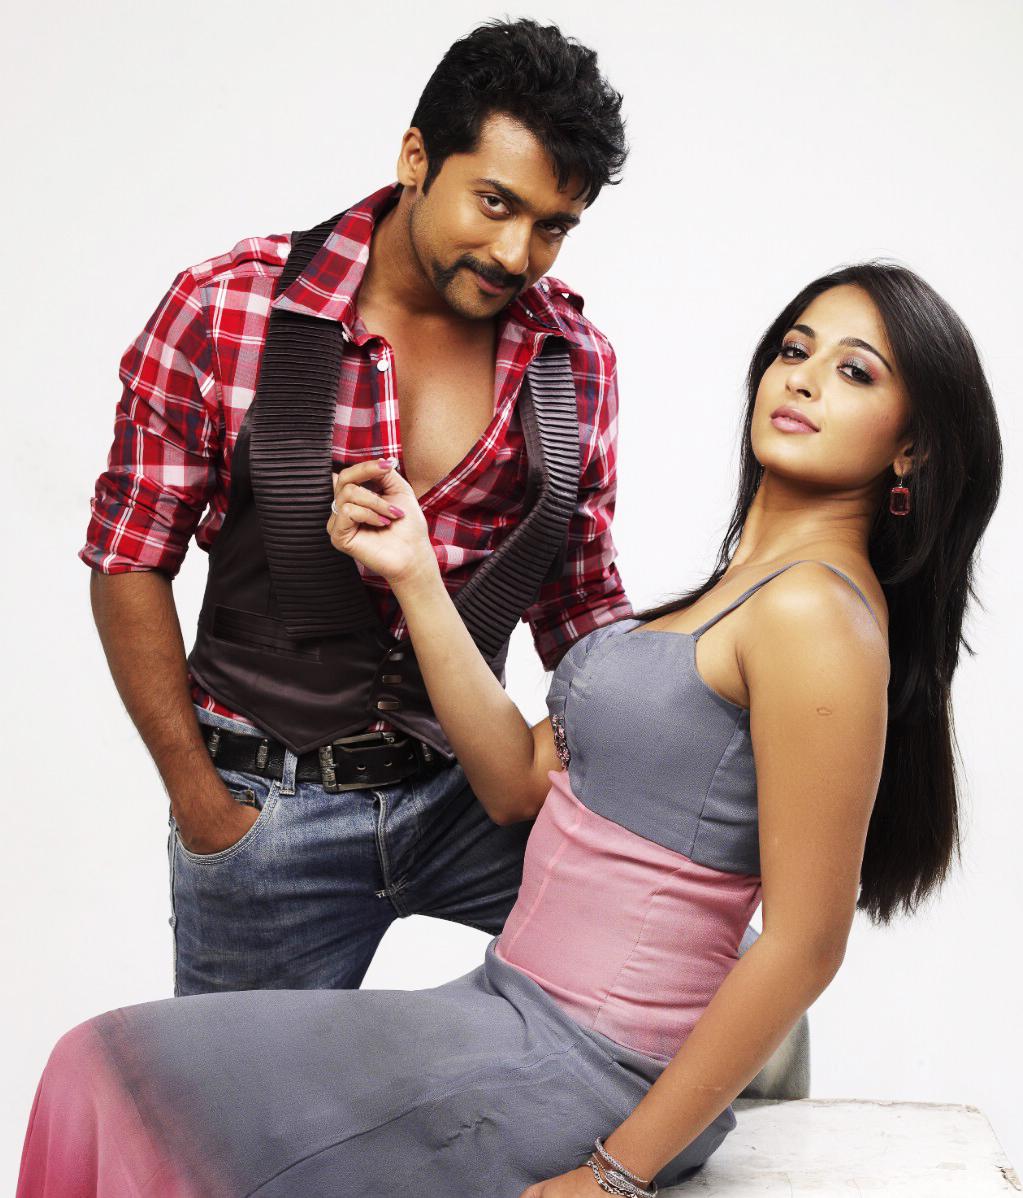 Singam 2 stills surya with anushka anushka shetty hot cinema actress anushka shetty with picture 497577 actress anjali in yamudu 2 singam 2 altavistaventures Gallery